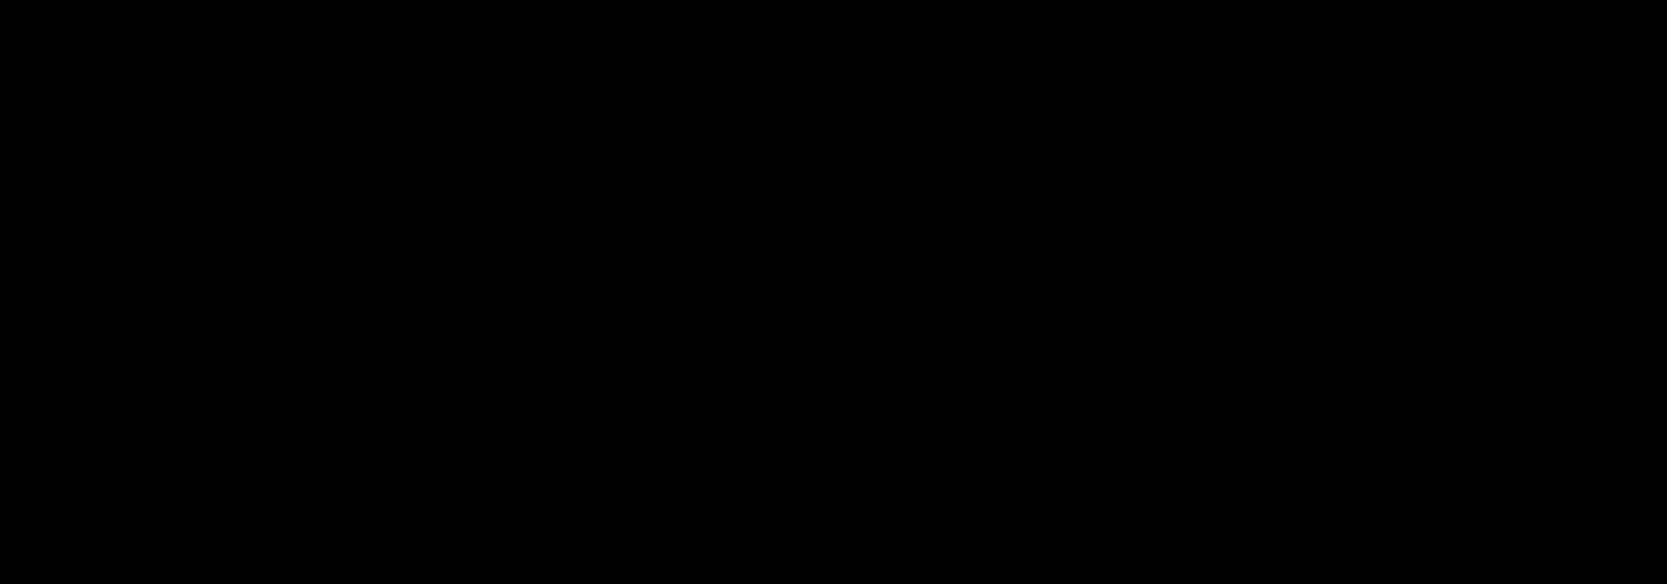 Thyssenkrupp_Black-01